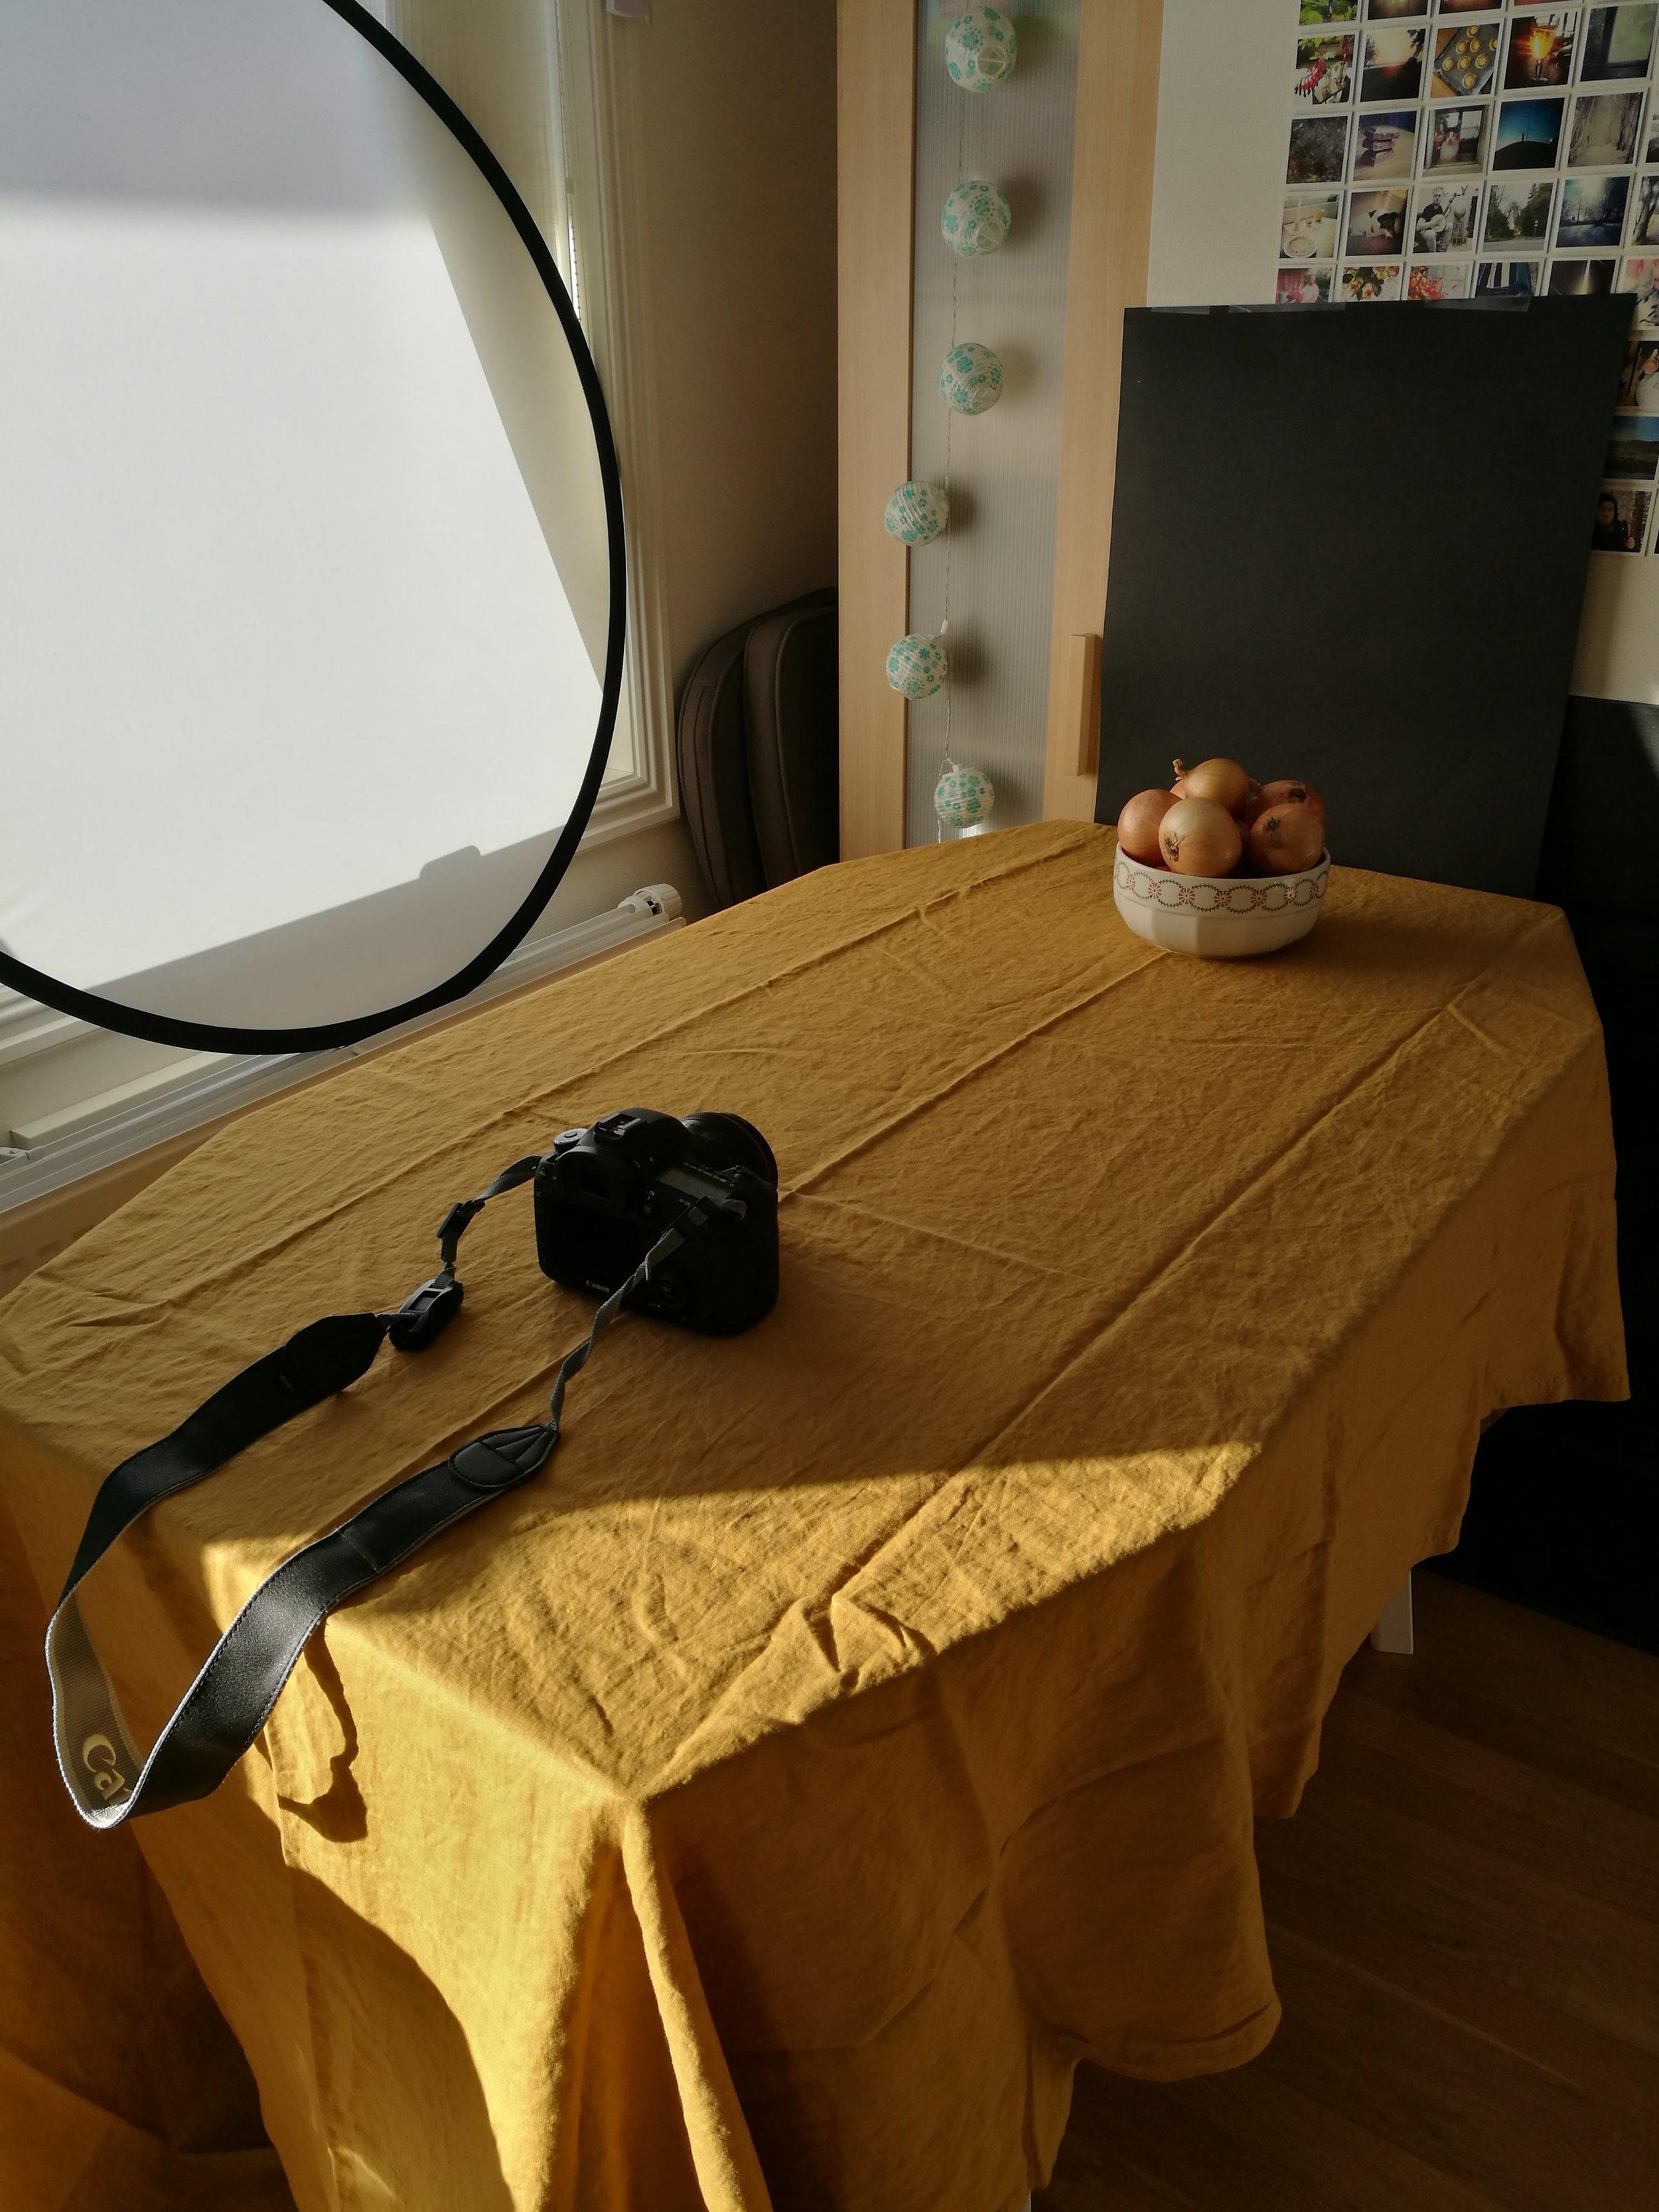 På februars siste dag hadde jeg fotostudio i stua, en hel dag med å lage mat og ta bilder. Gøy dag på drømmejobben!